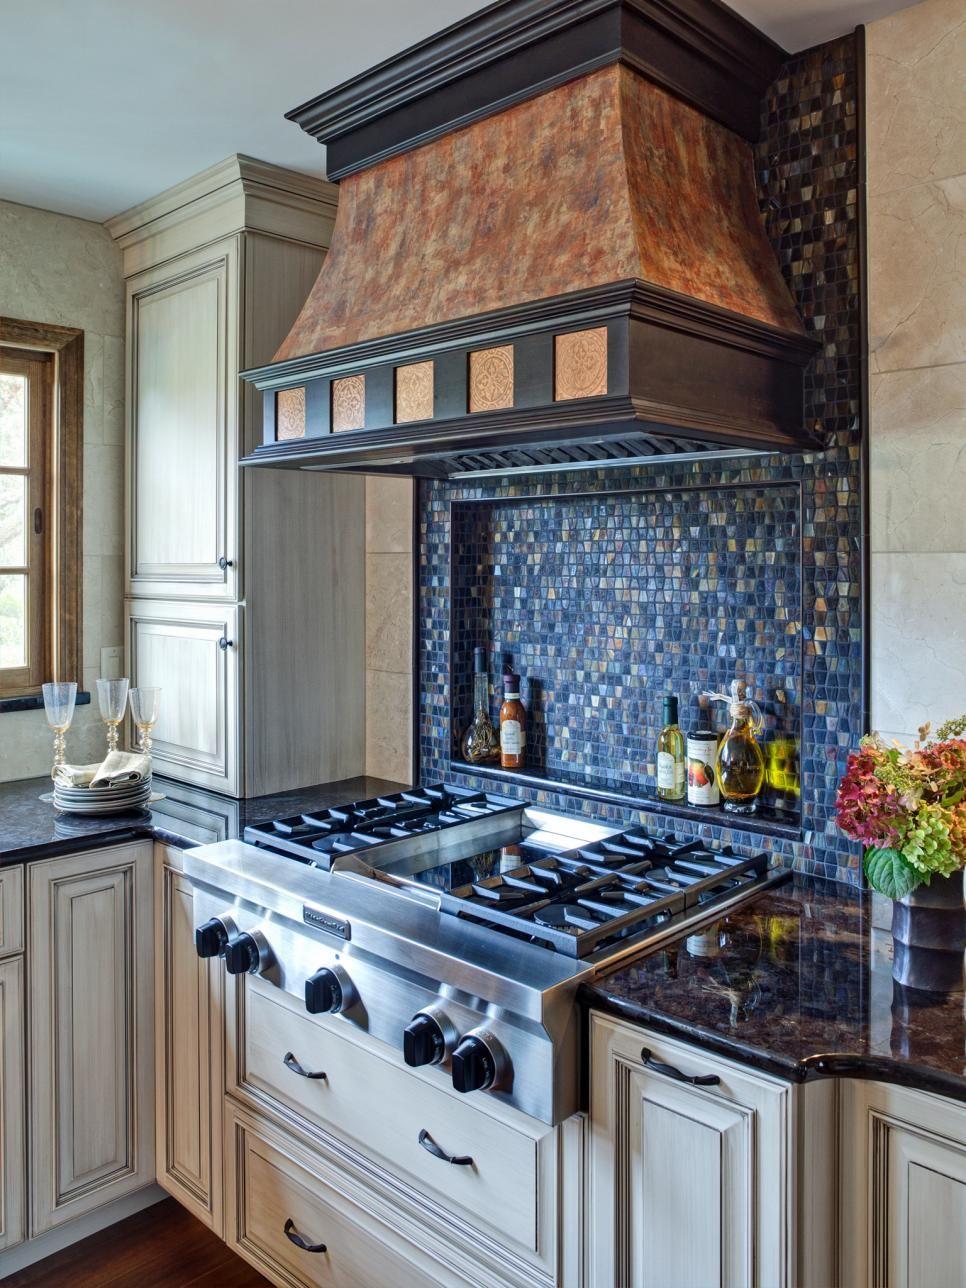 30 Trendiest Kitchen Backsplash Materials | Kitchen backsplash, Hgtv ...